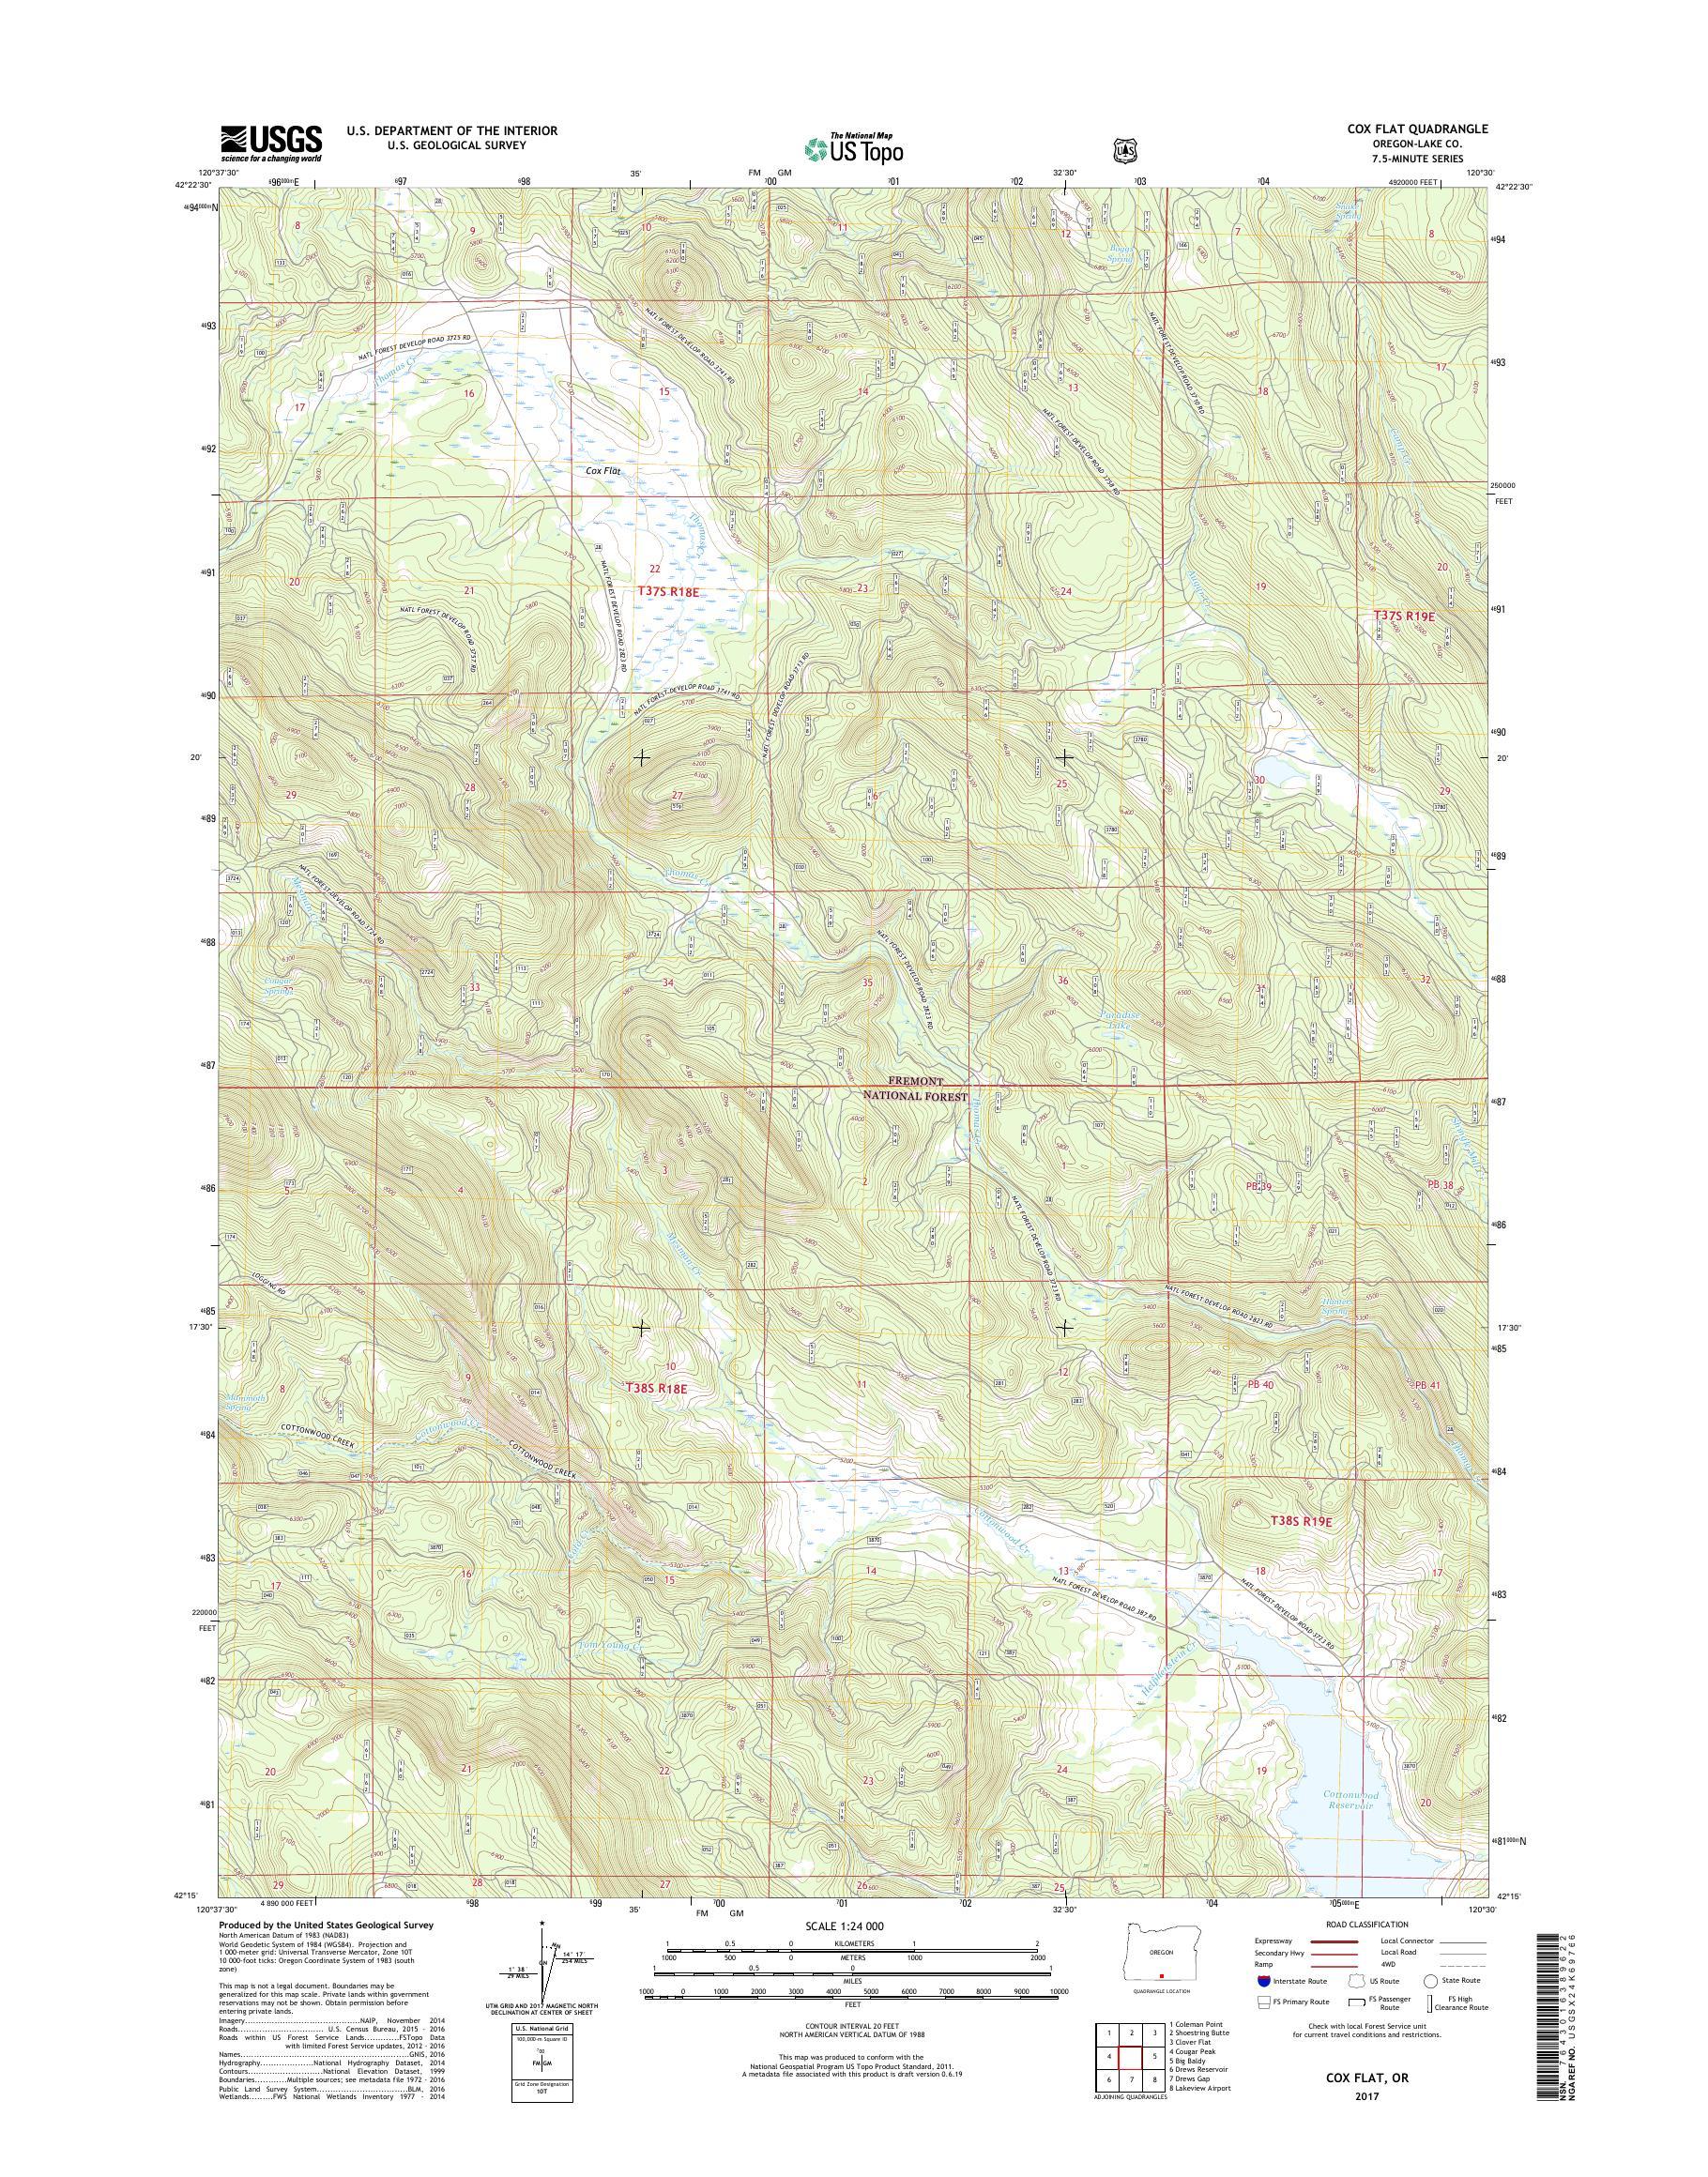 Mytopo Cox Flat Oregon Usgs Quad Topo Map - Us-flat-map